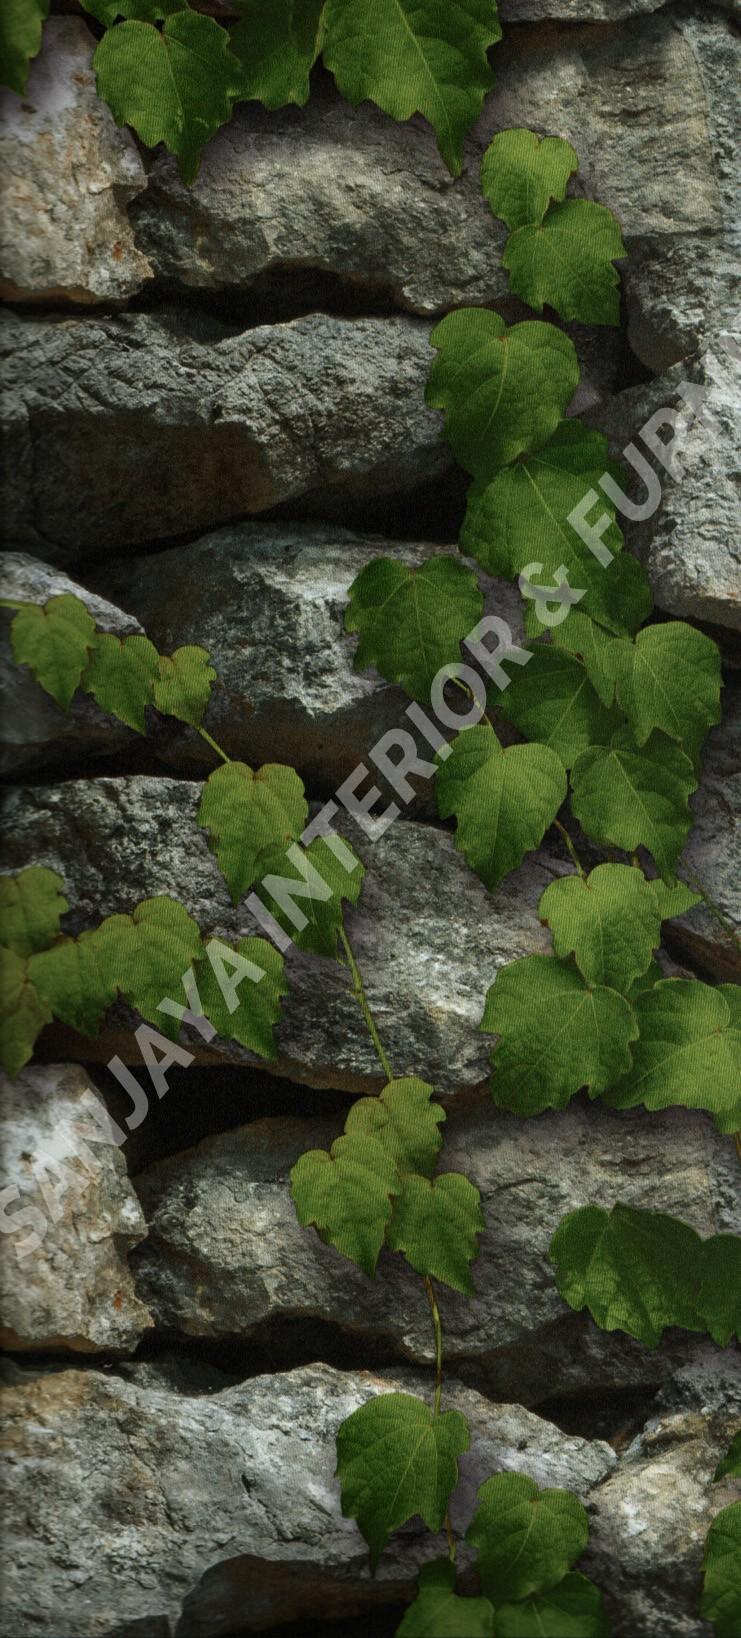 wallpaper ASSEMBLE:40106-1 corak Batu-Batuan ,Daun - Daunan warna Abu-Abu ,Hijau